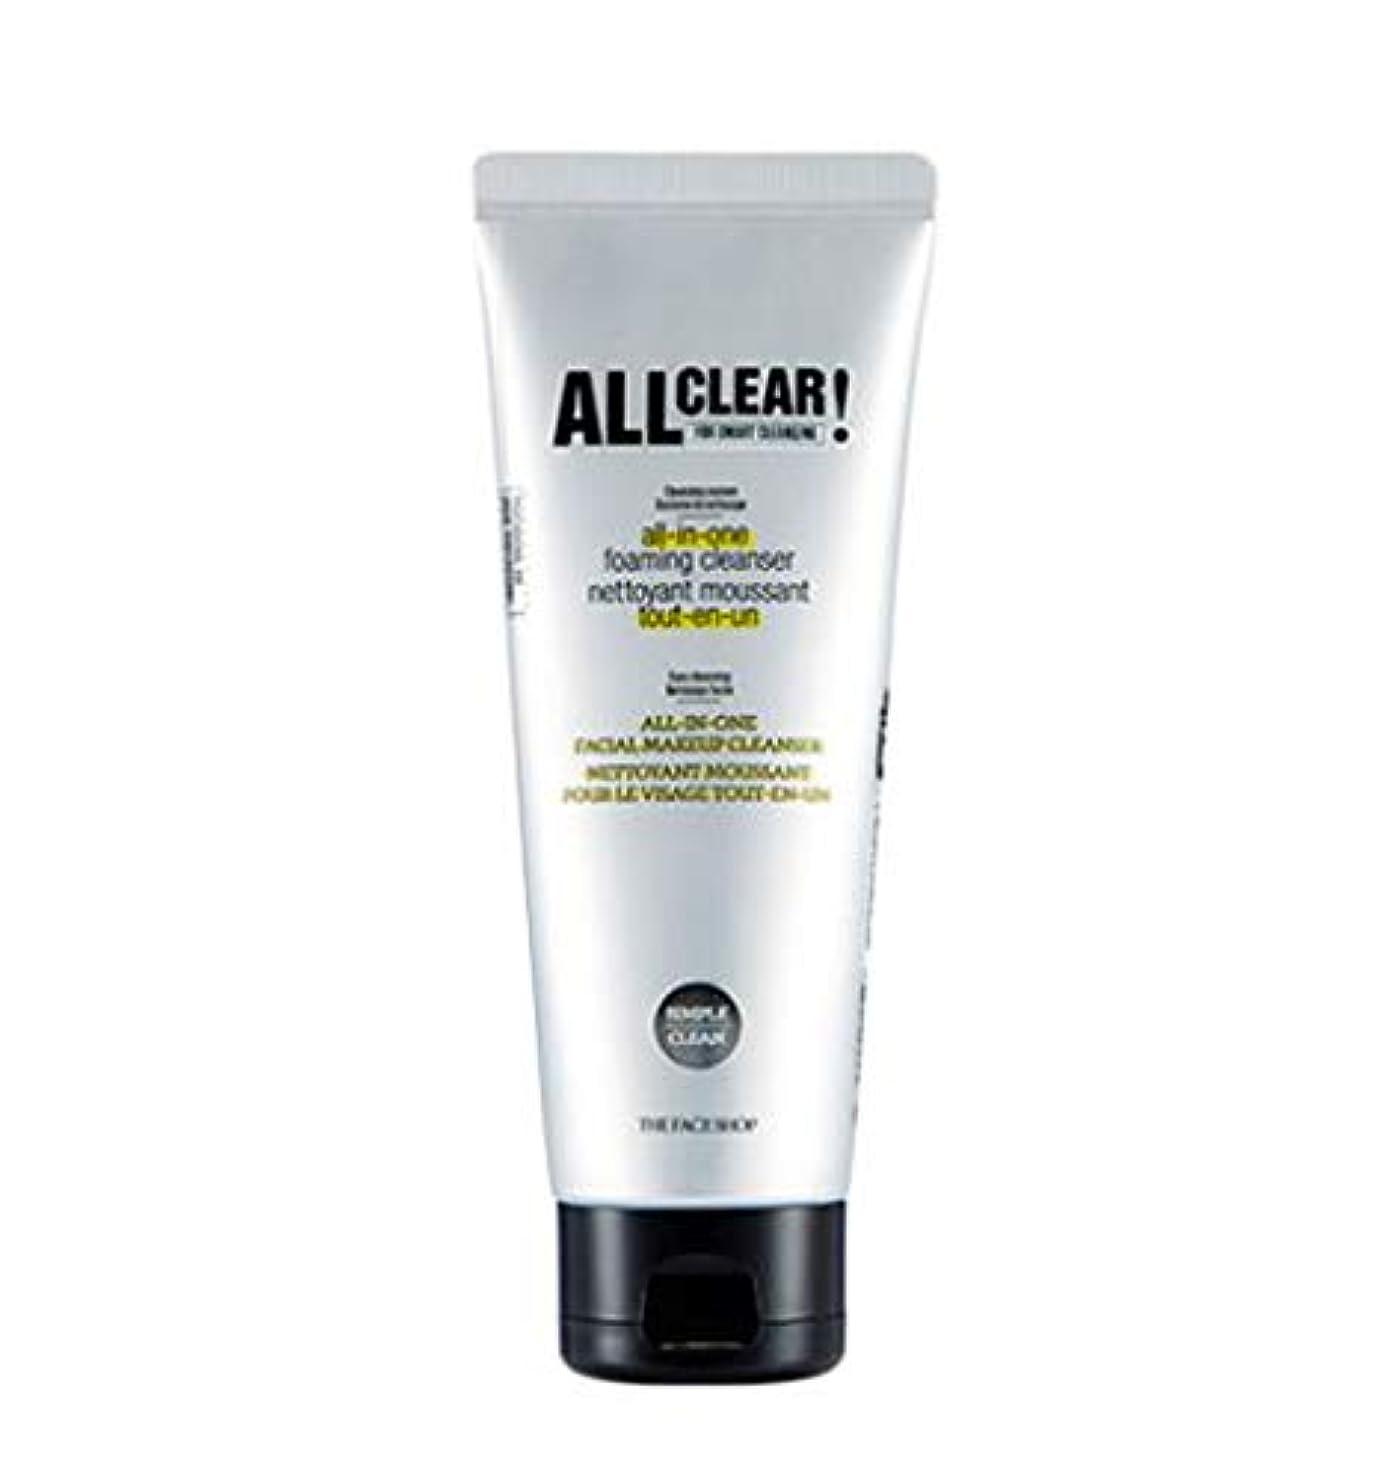 気楽なポジティブ似ている[ザ?フェイスショップ] THE FACE SHOP [オール クリア オールインワン クレンジング フォーム150ml / 洗顔料] All Clear All-in-one Cleansing Foam 150ml...